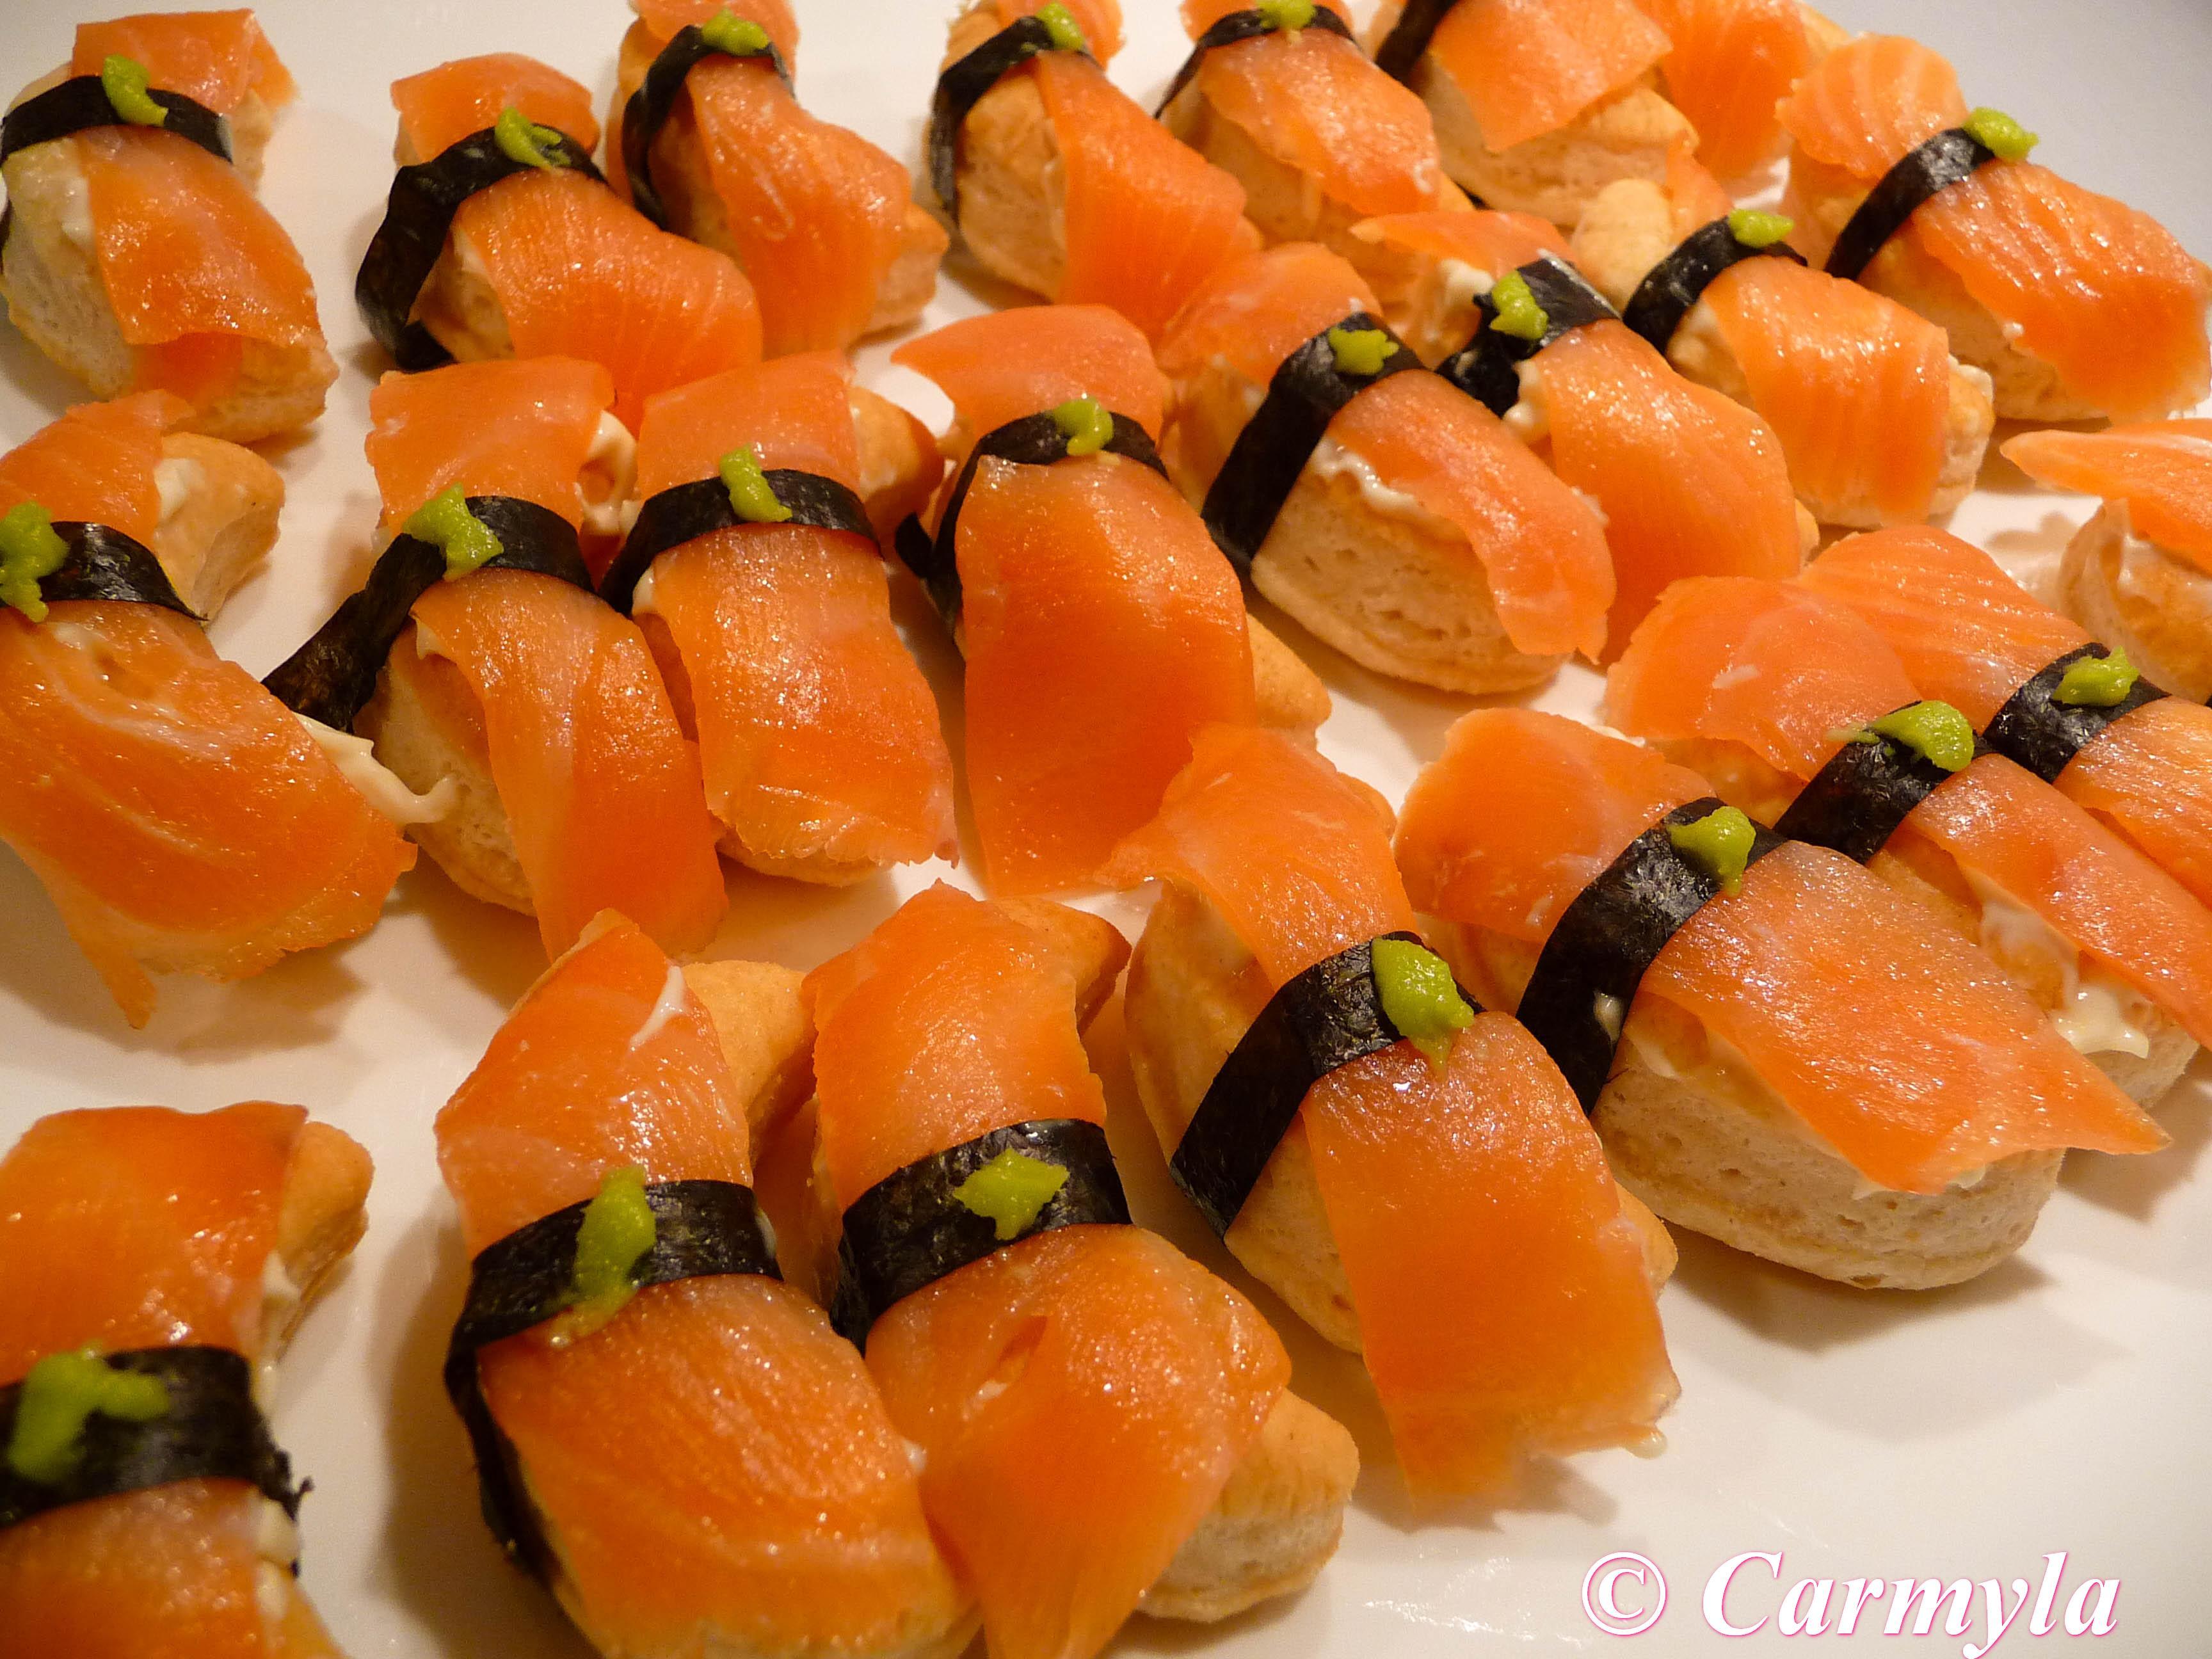 Tapa fria floron de salm n carmyla - Tapas con salmon ahumado ...